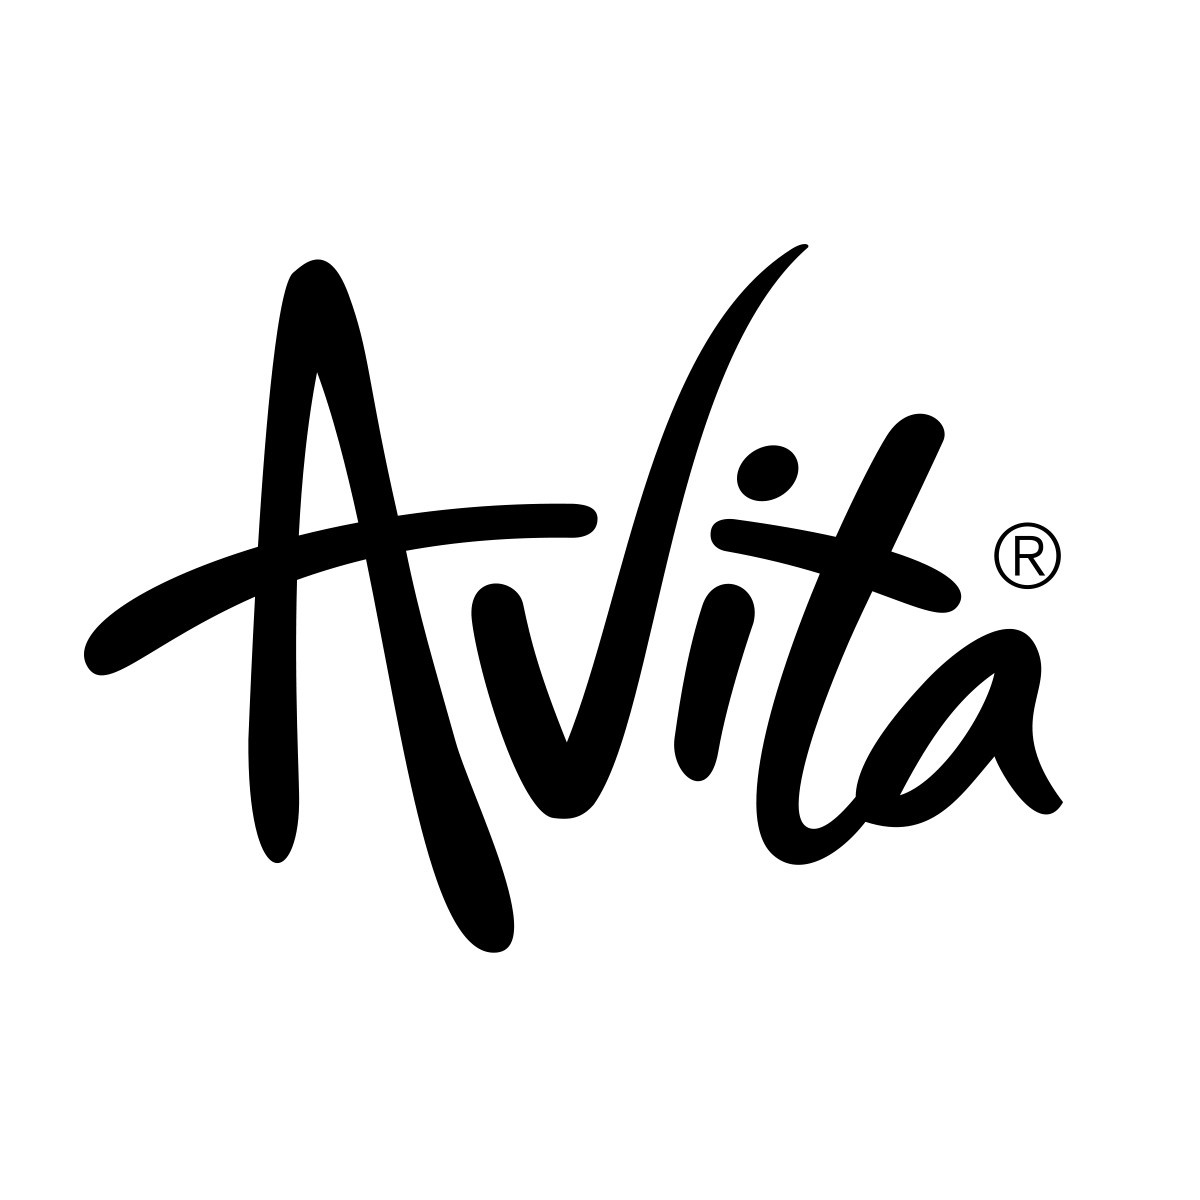 avita_logo_pruhledne.png